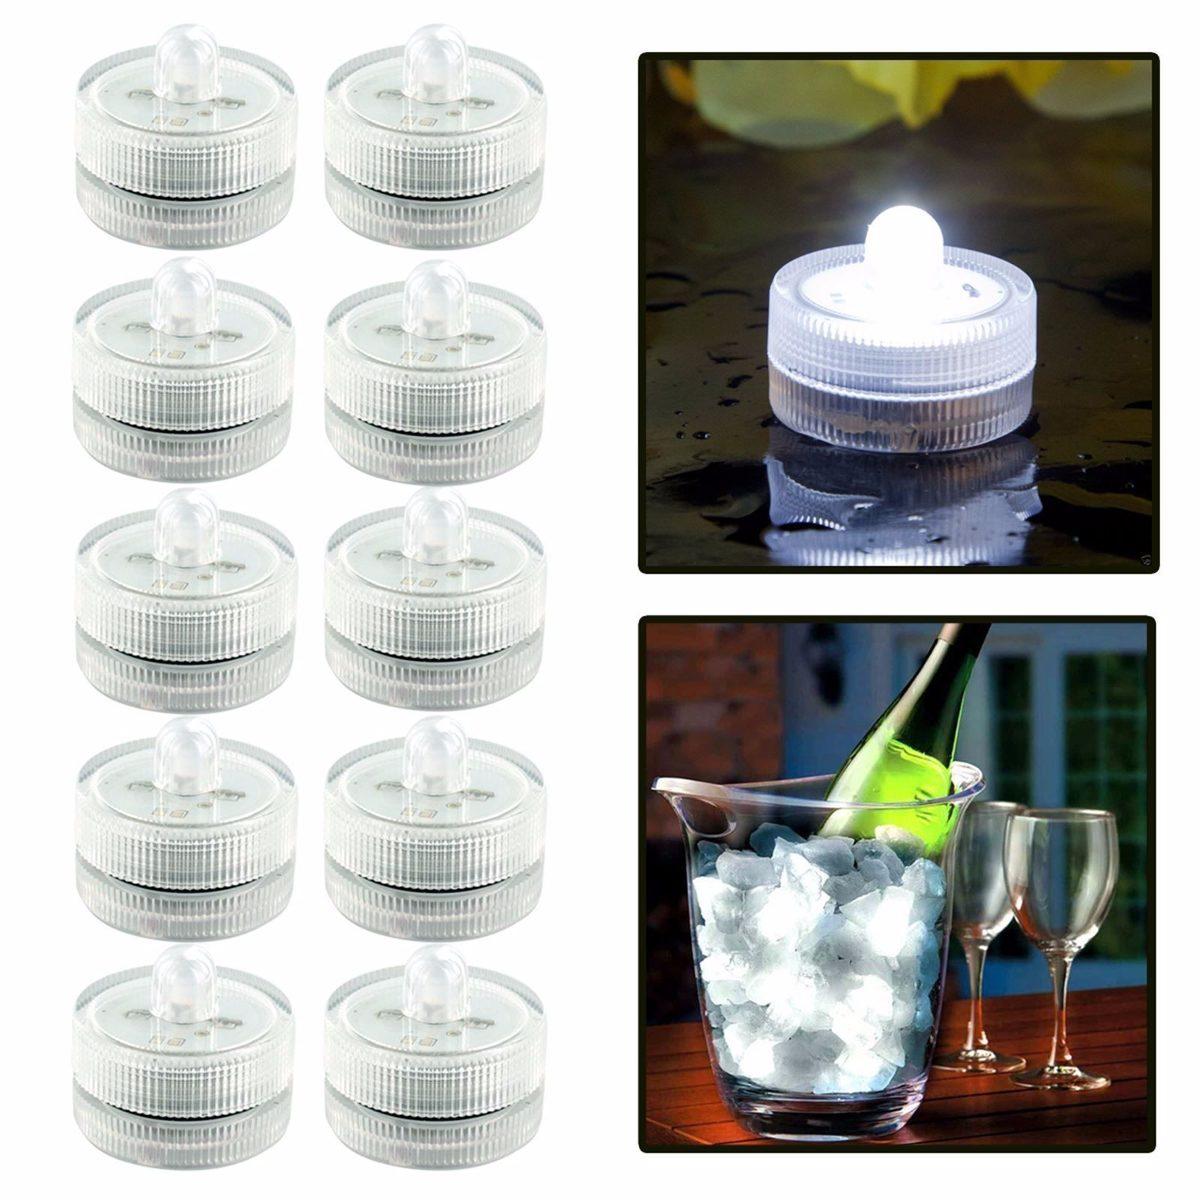 12 Velas Led Sumergible Luz Blanca Arreglos Decoraci 243 N